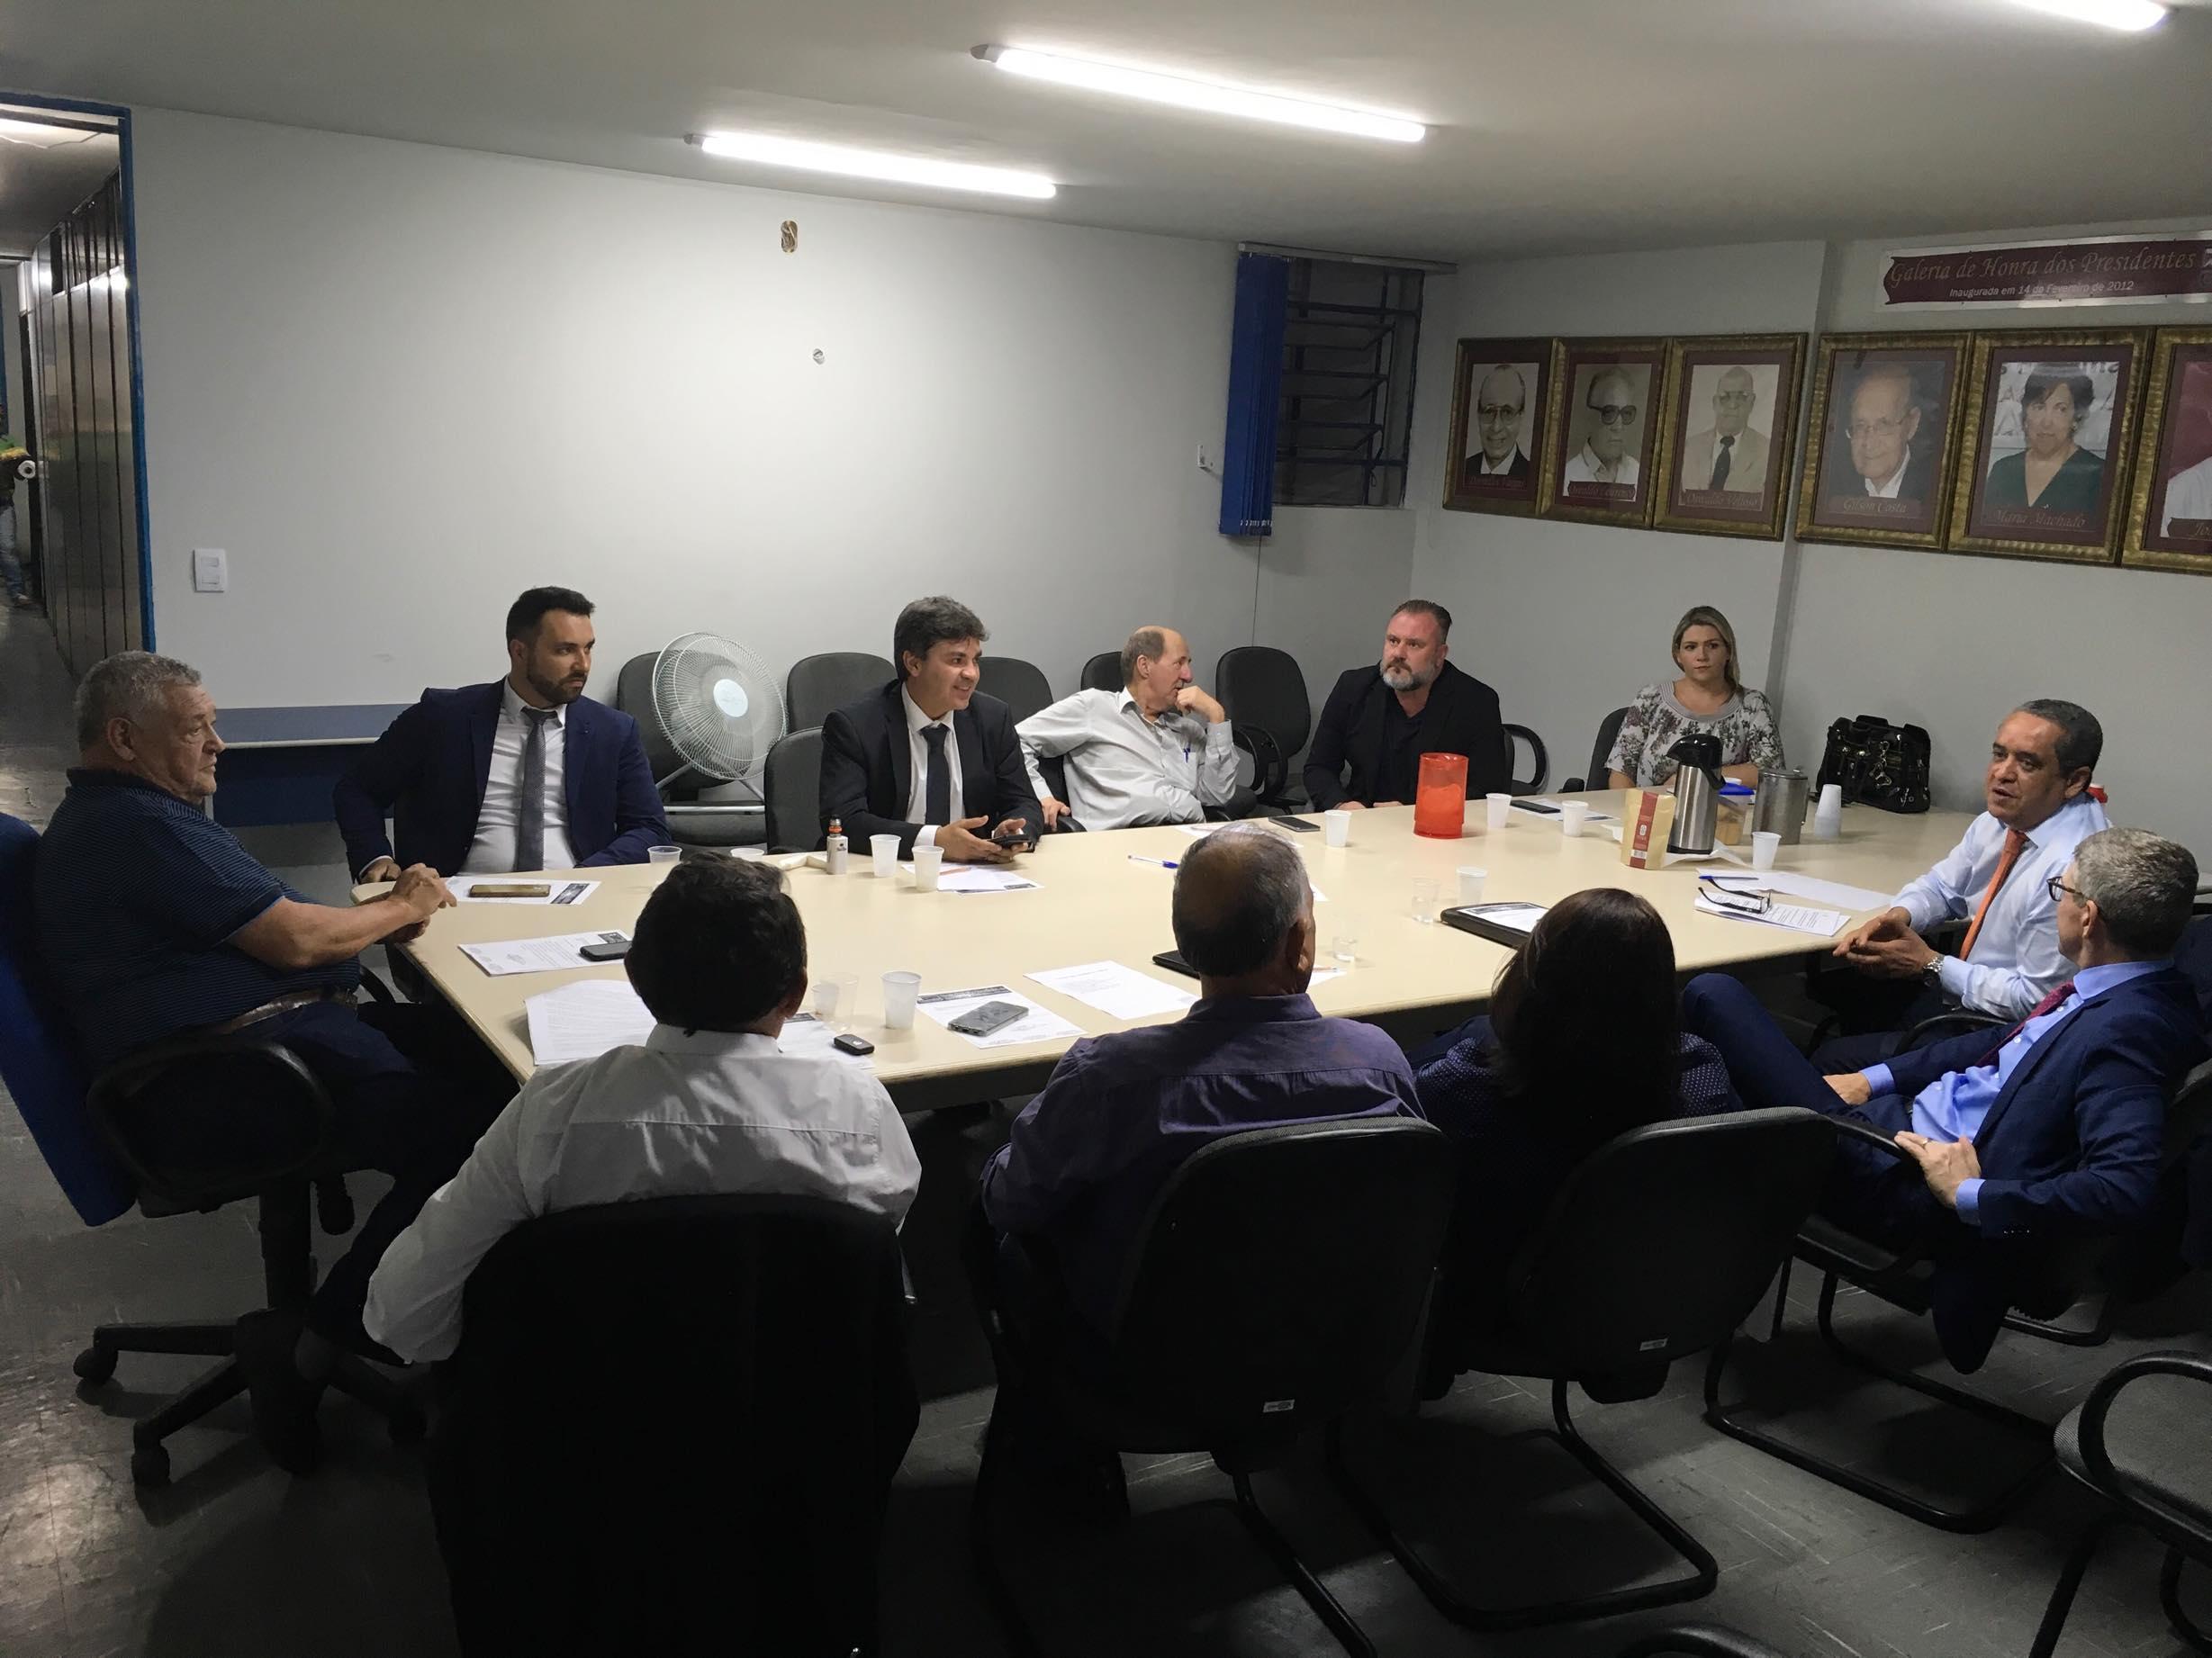 Conselho jurídico da COBAP dialoga sobre ações acerca da CPI da Previdência